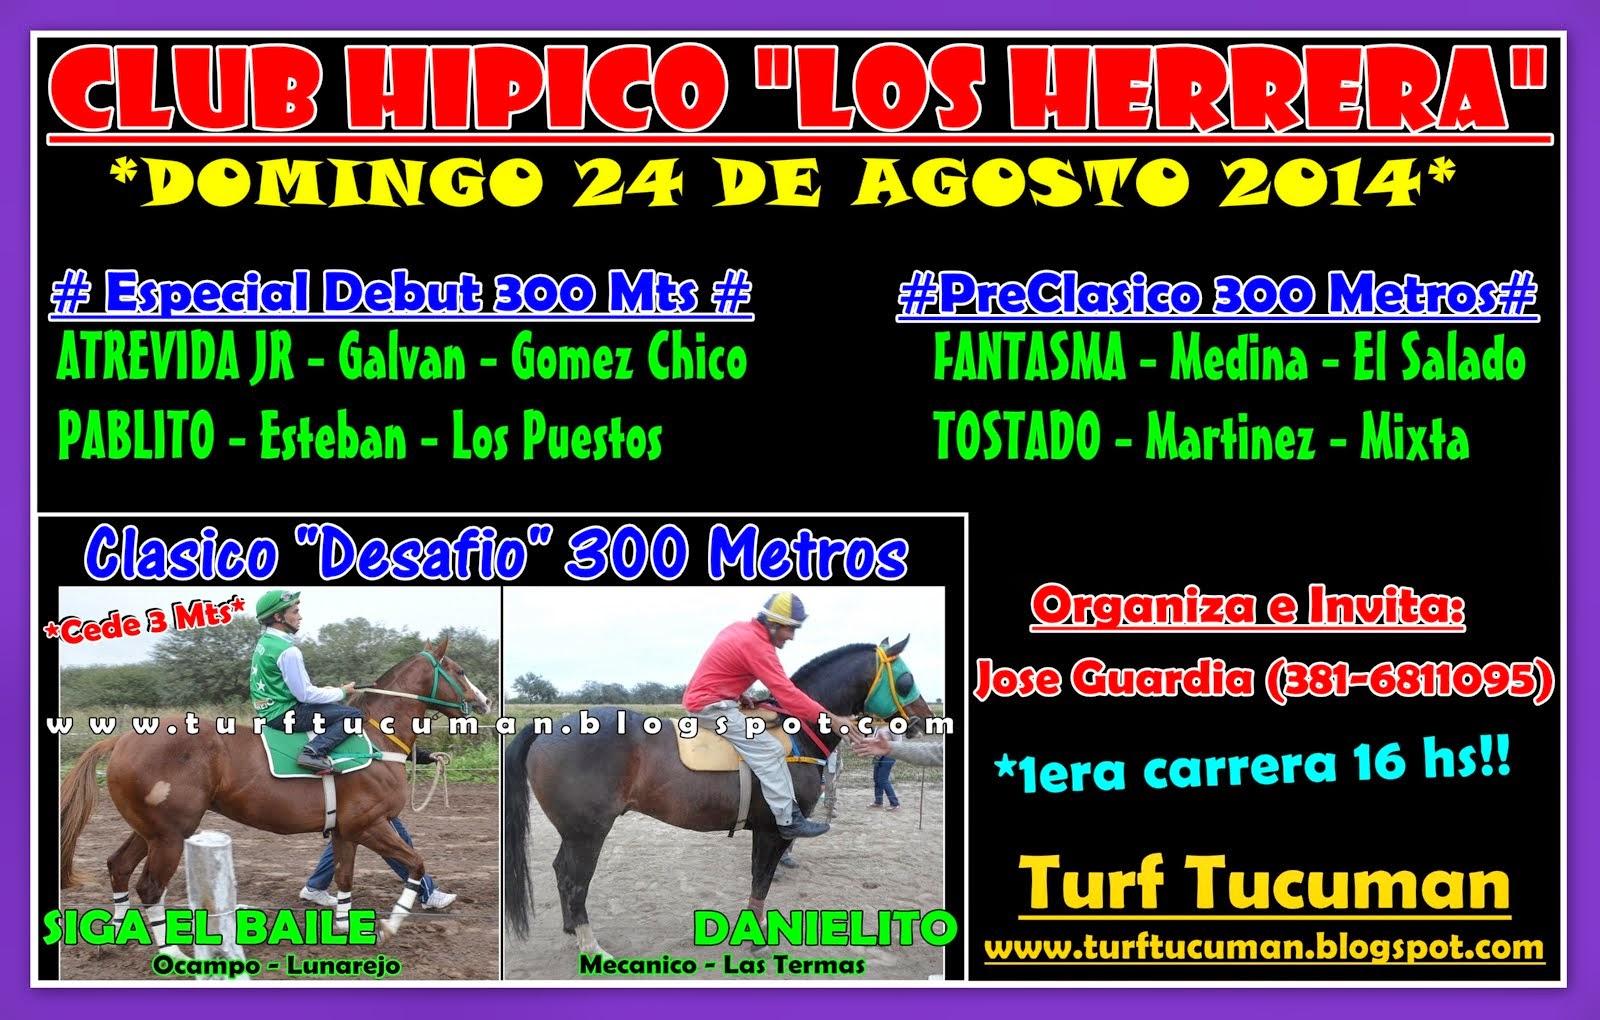 PROG LOS HERRERA DGO 24